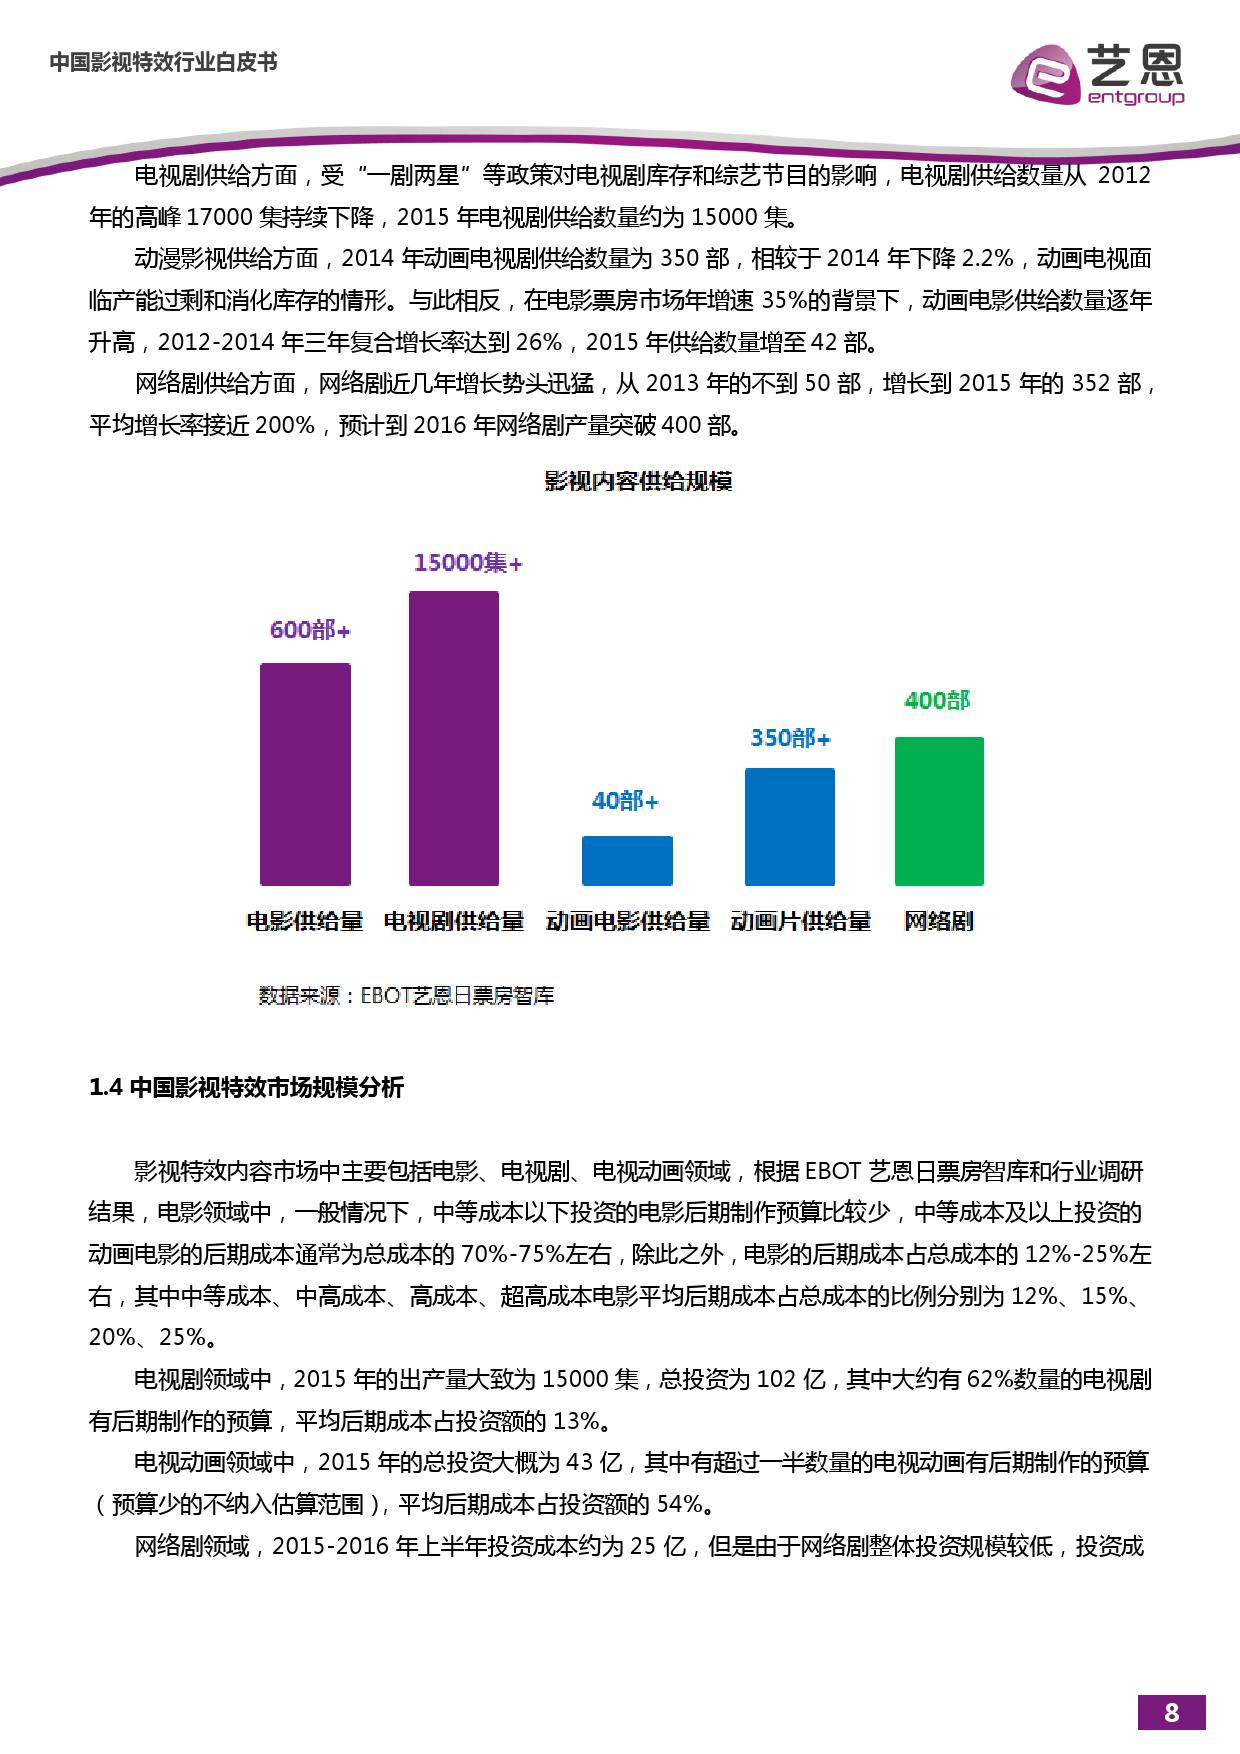 %e4%b8%ad%e5%9b%bd%e5%bd%b1%e8%a7%86%e7%89%b9%e6%95%88%e5%b8%82%e5%9c%ba%e7%a0%94%e7%a9%b6%e6%8a%a5%e5%91%8a_000009